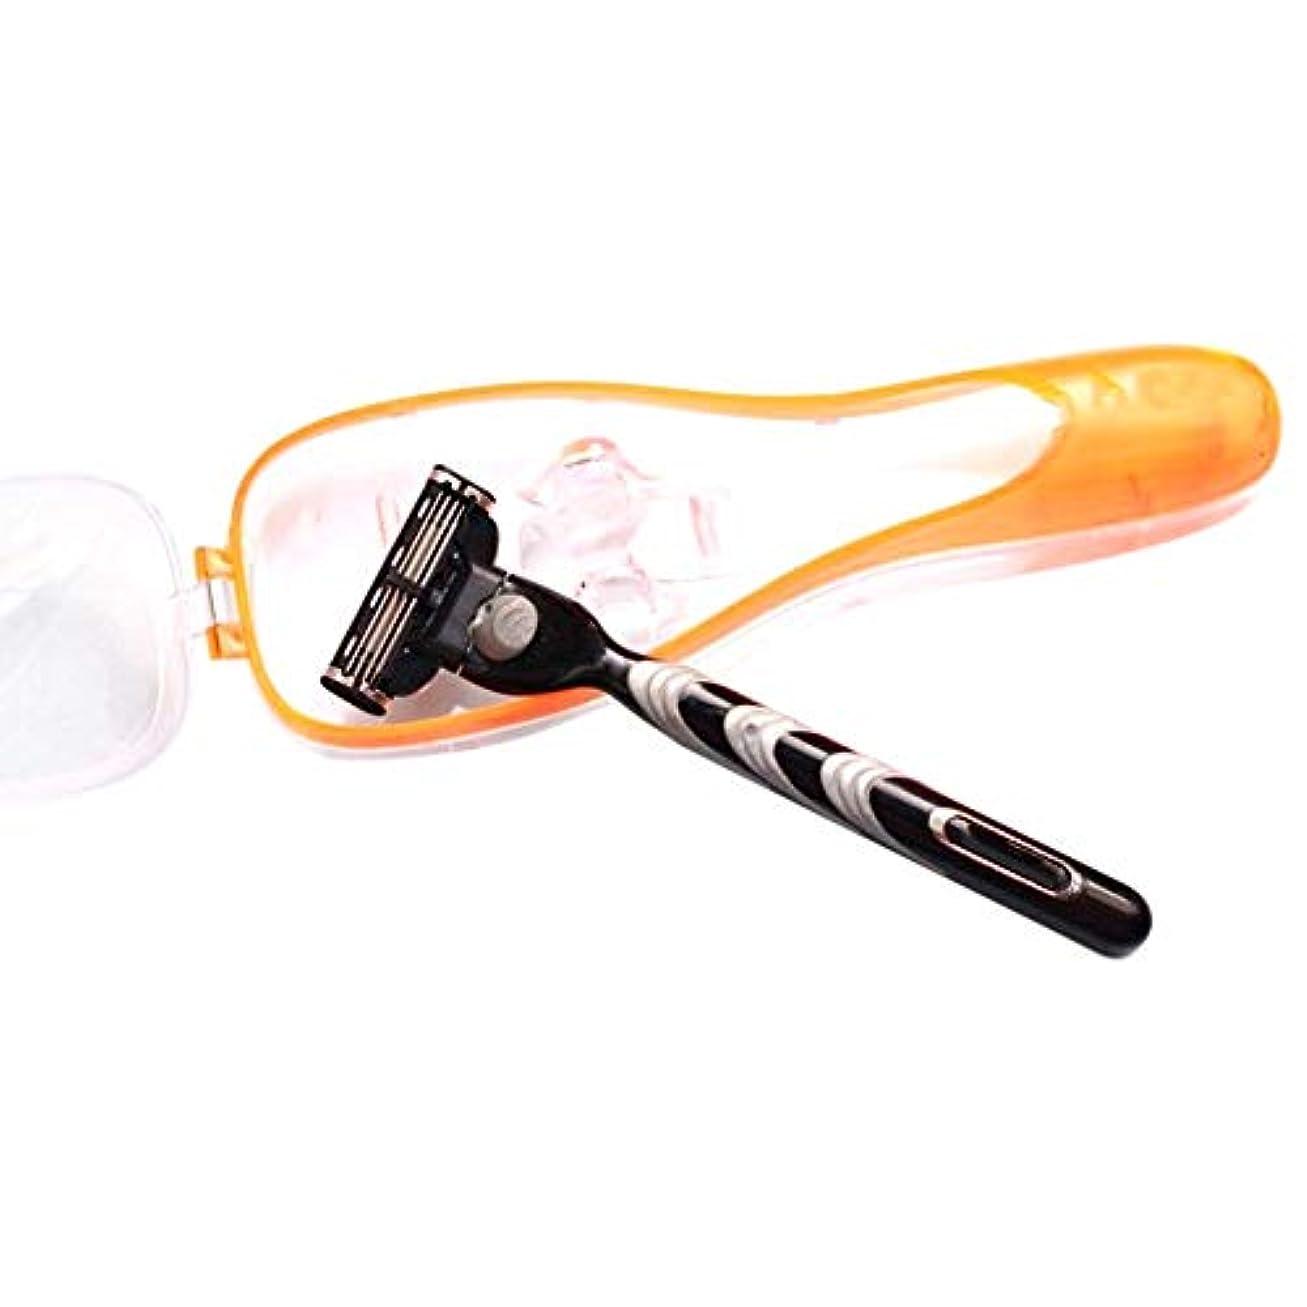 ひも幸運な薬剤師CUHAWUDBA 素晴らしい実用的ポータブル男性カミソリ刃ホルダーケース シェーバーホルダー収納ボックス旅行キャンプに適用(2xオレンジ)